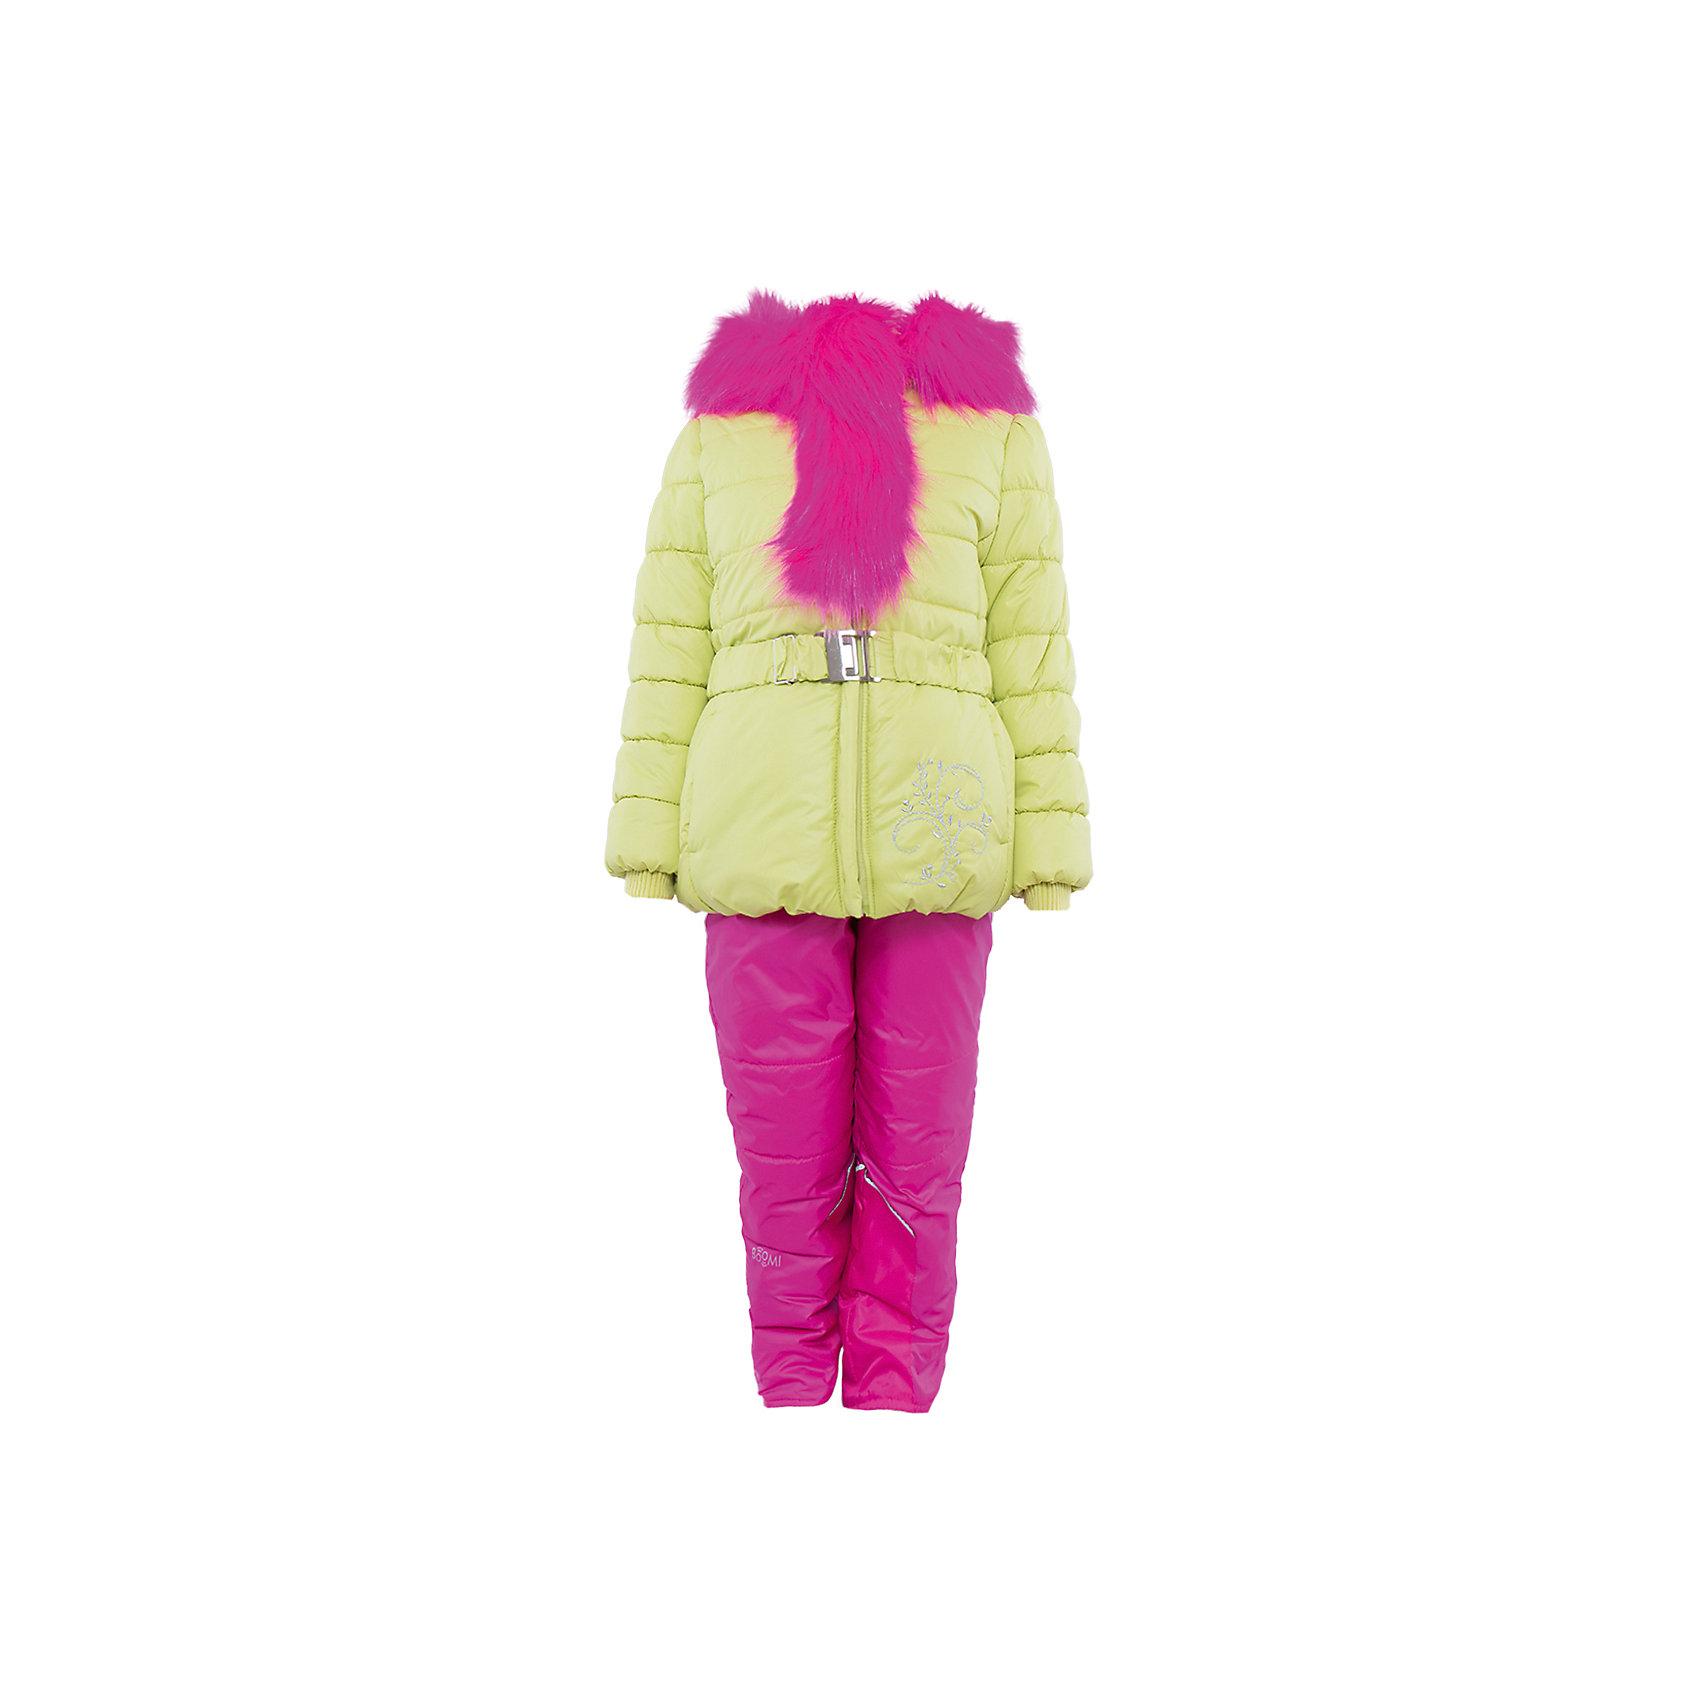 Комплект: курта и брюки для девочки BOOM by OrbyХарактеристики изделия:<br><br>- комплектация: куртка, комбинезон, муфта;<br>- материал верха: мягкая болонь;<br>- подкладка: ПЭ, флис;<br>- утеплитель: Flexy Fiber 400 г/м2, <br>- отделка: вязаное полотно, искусственный мех;<br>- фурнитура: металл, пластик;<br>- застежка: молния;<br>- воротник;<br>- защита подбородка;<br>- клапан от ветра;<br>- вышивка на куртке;<br>- температурный режим до -30°С<br><br><br>В холодный сезон девочки хотят одеваться не только тепло, но и модно. Этот стильный и теплый комплект позволит ребенку наслаждаться зимним отдыхом, не боясь замерзнуть, и выглядеть при этом очень симпатично.<br>Теплая куртка плотно сидит благодаря манжетам и надежным застежкам. Она смотрится очень эффектно благодаря пушистому воротнику. Полукомбинезон дополнен регулируемыми лямками, карманами и манжетами.<br><br>Комплект: курта и брюки для девочки от бренда BOOM by Orby можно купить в нашем магазине.<br><br>Ширина мм: 215<br>Глубина мм: 88<br>Высота мм: 191<br>Вес г: 336<br>Цвет: зеленый<br>Возраст от месяцев: 12<br>Возраст до месяцев: 18<br>Пол: Женский<br>Возраст: Детский<br>Размер: 86,98,122,92,110,104,116<br>SKU: 4982508